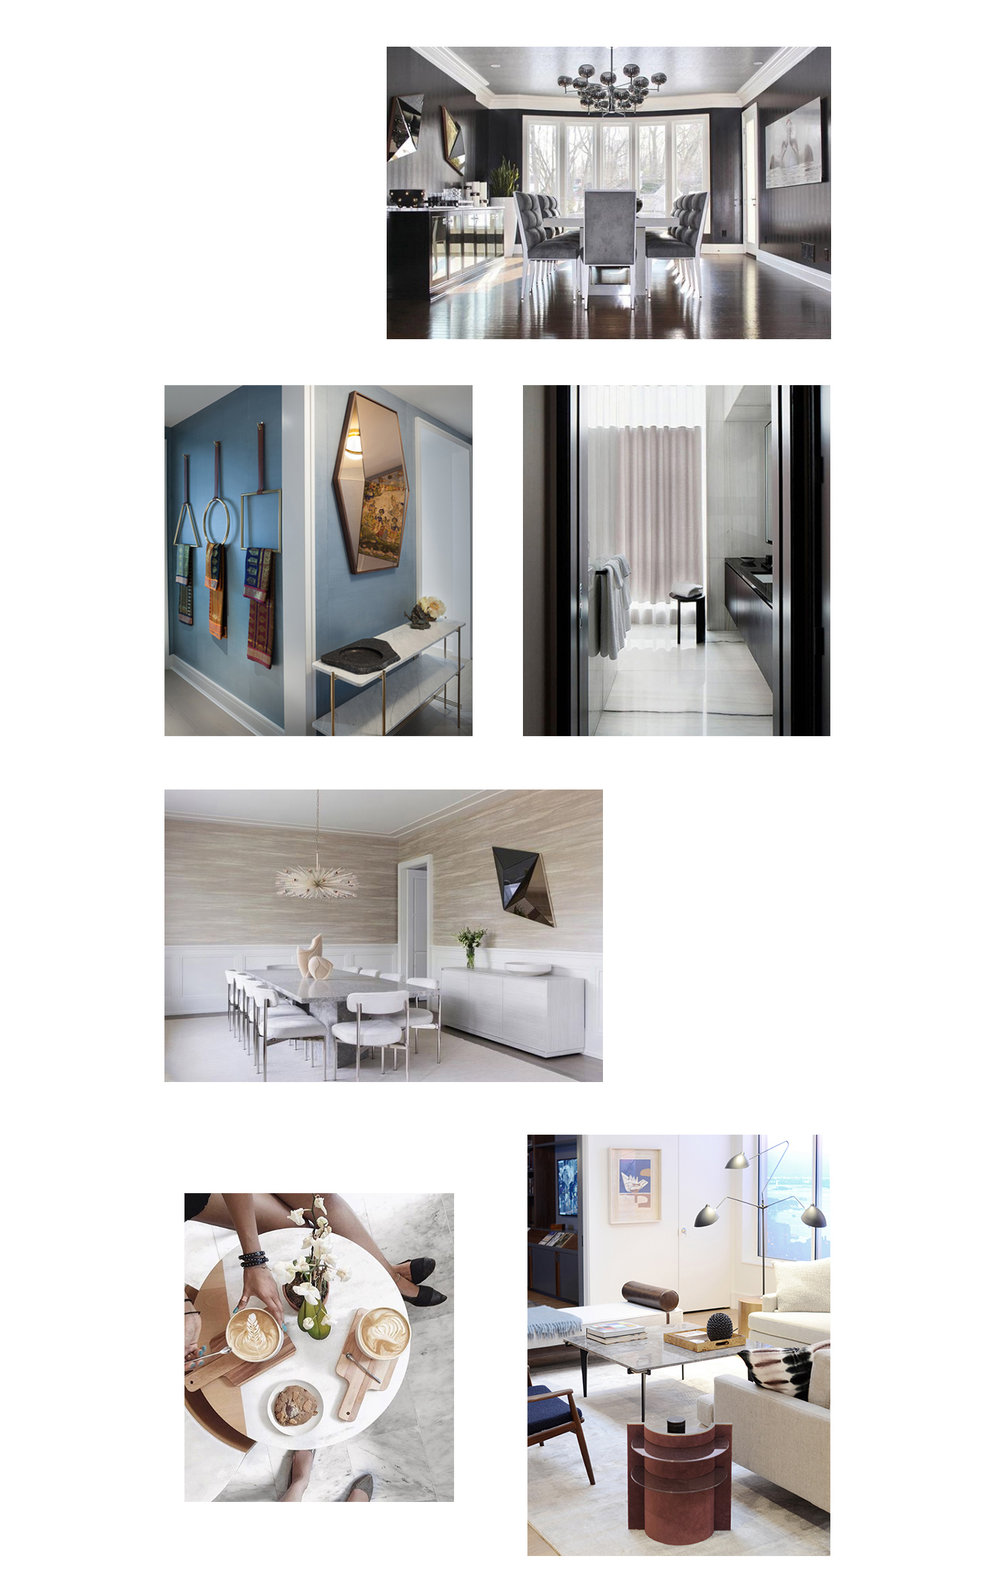 Installation2a.jpg